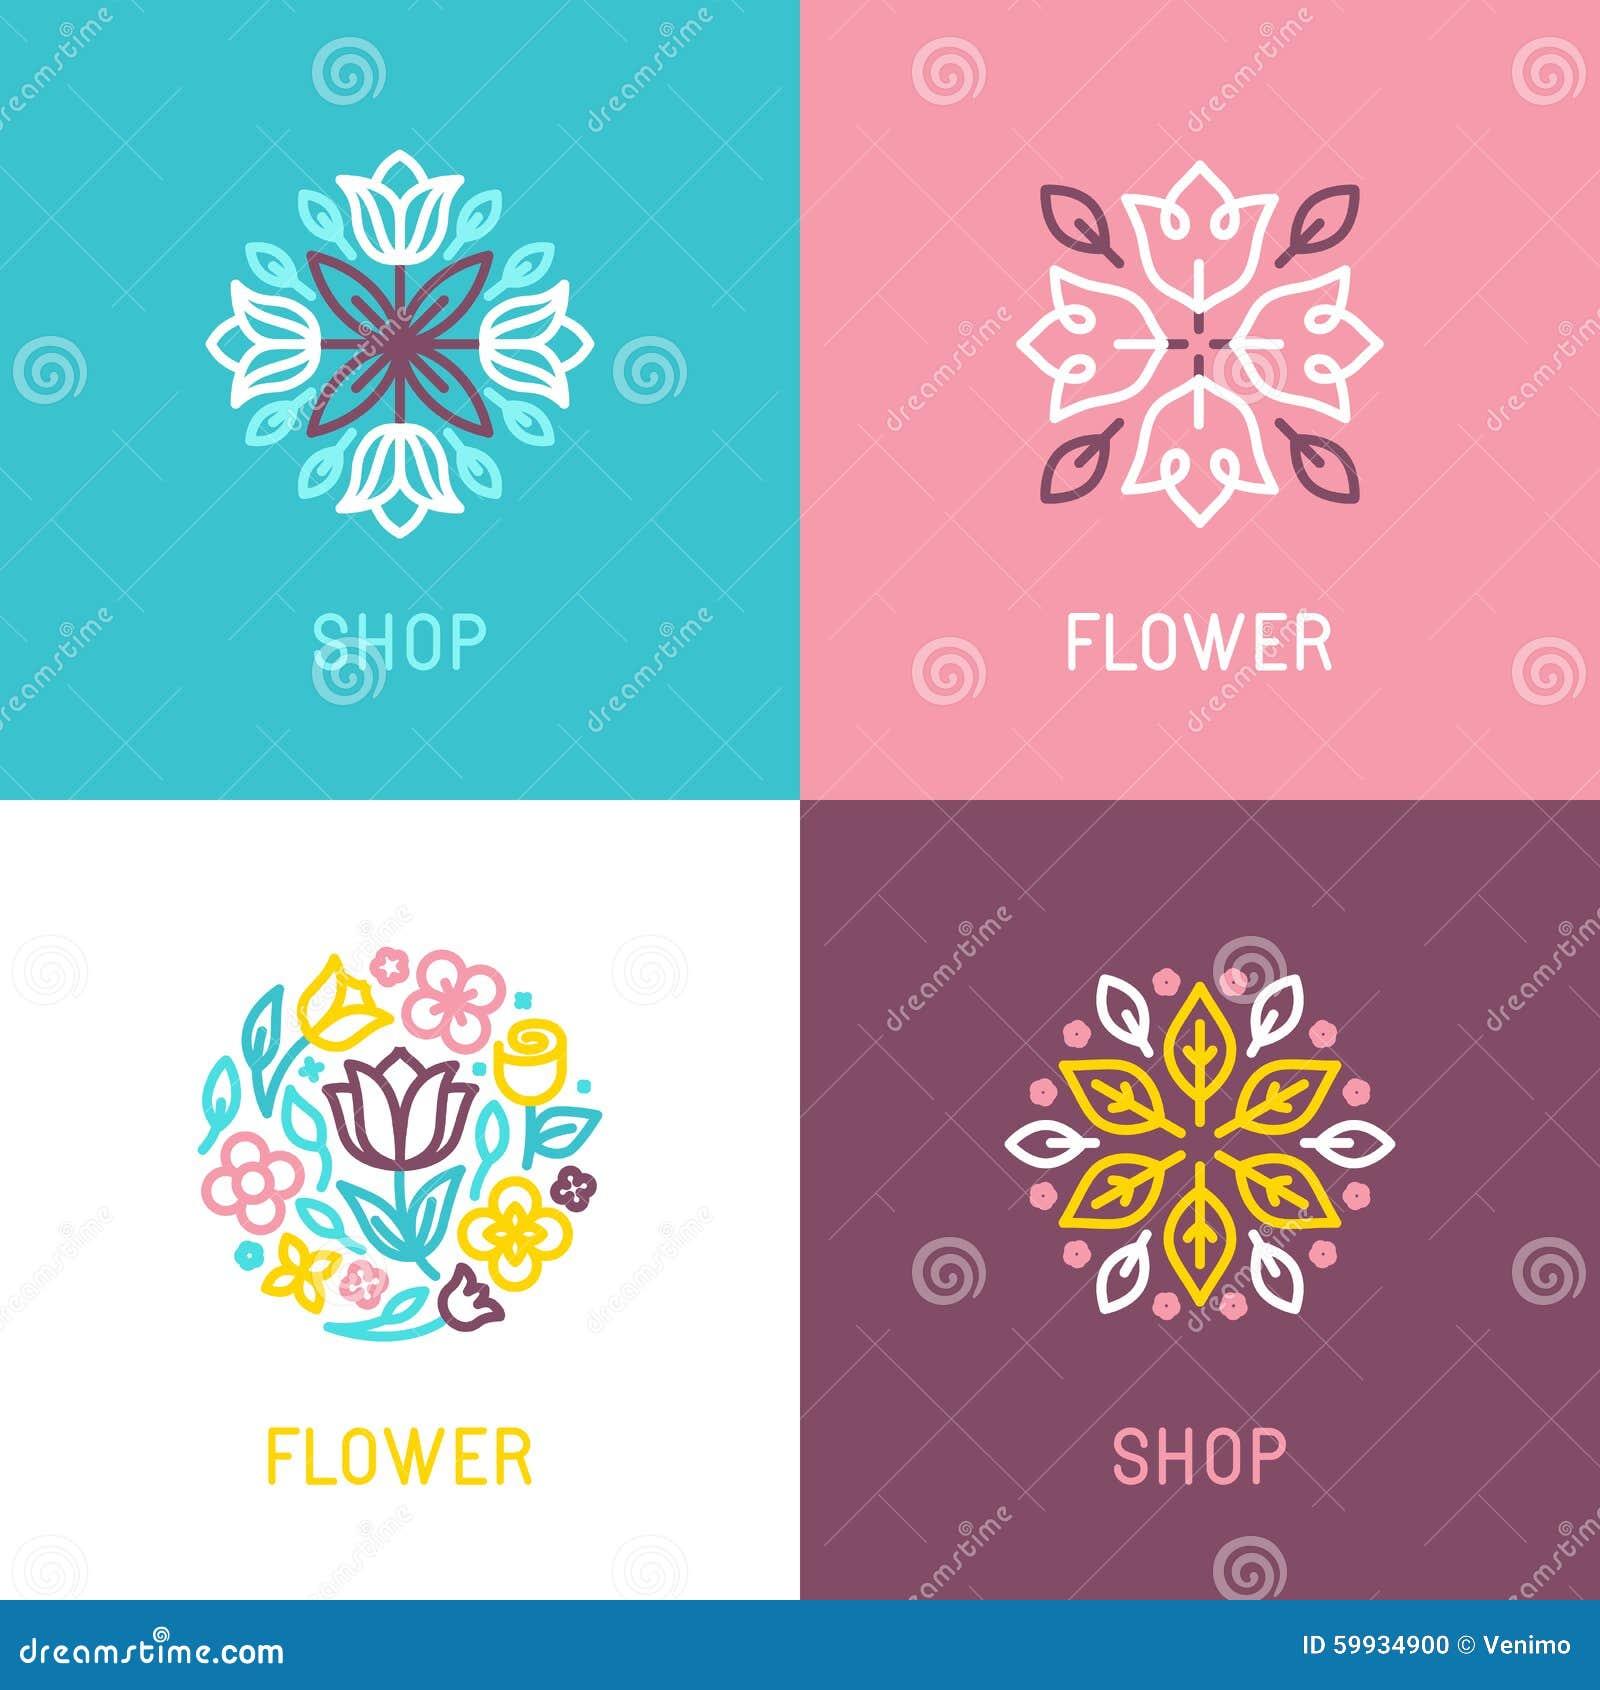 Floral Logo Design Element Stock Vector. Illustration Of